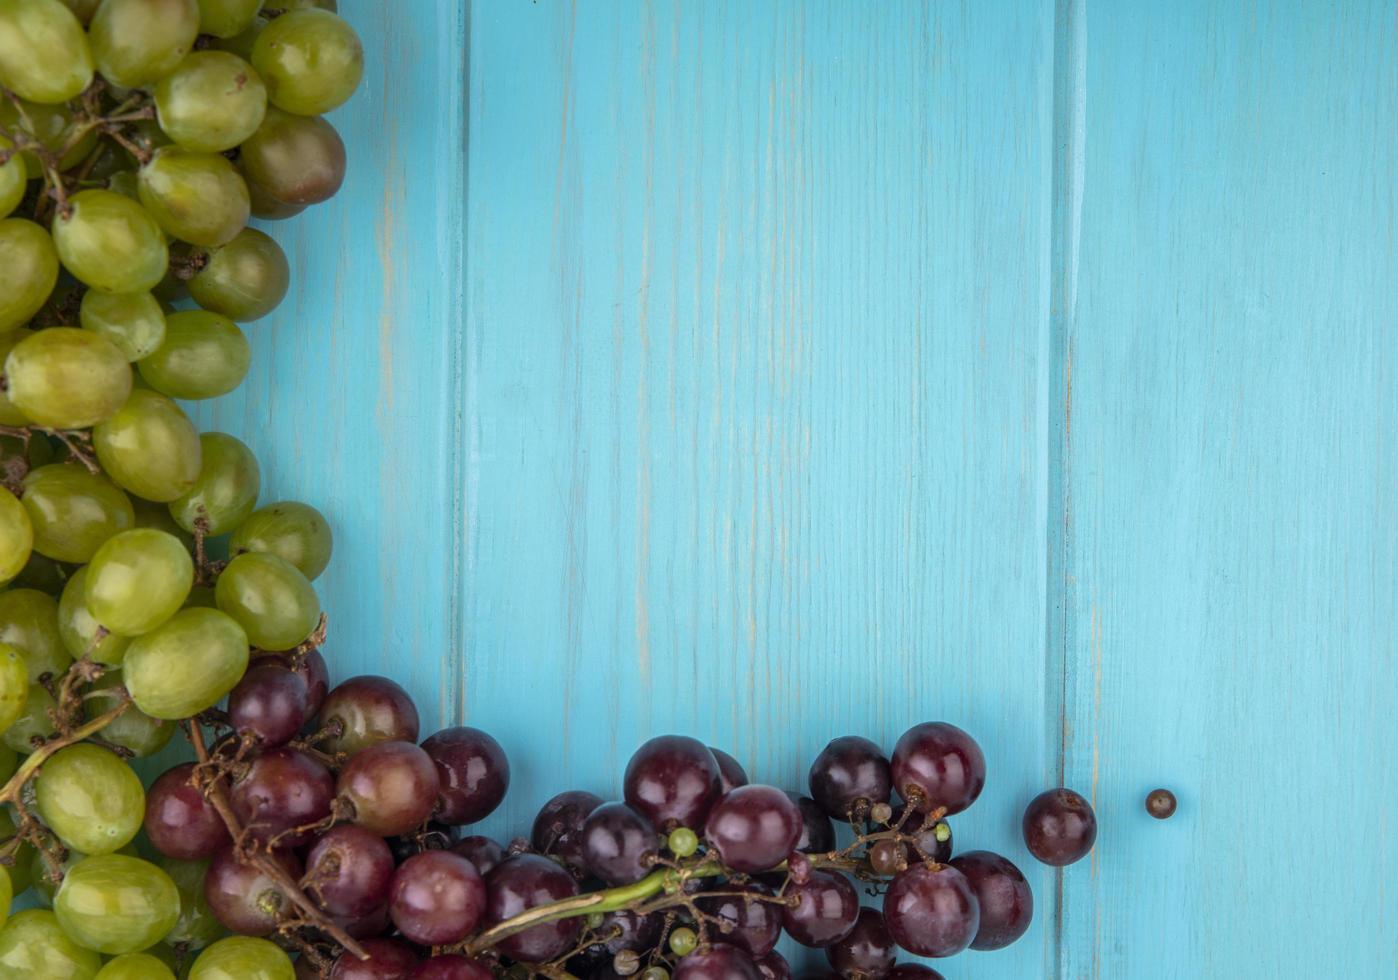 vue de dessus des raisins sur fond bleu avec espace copie photo